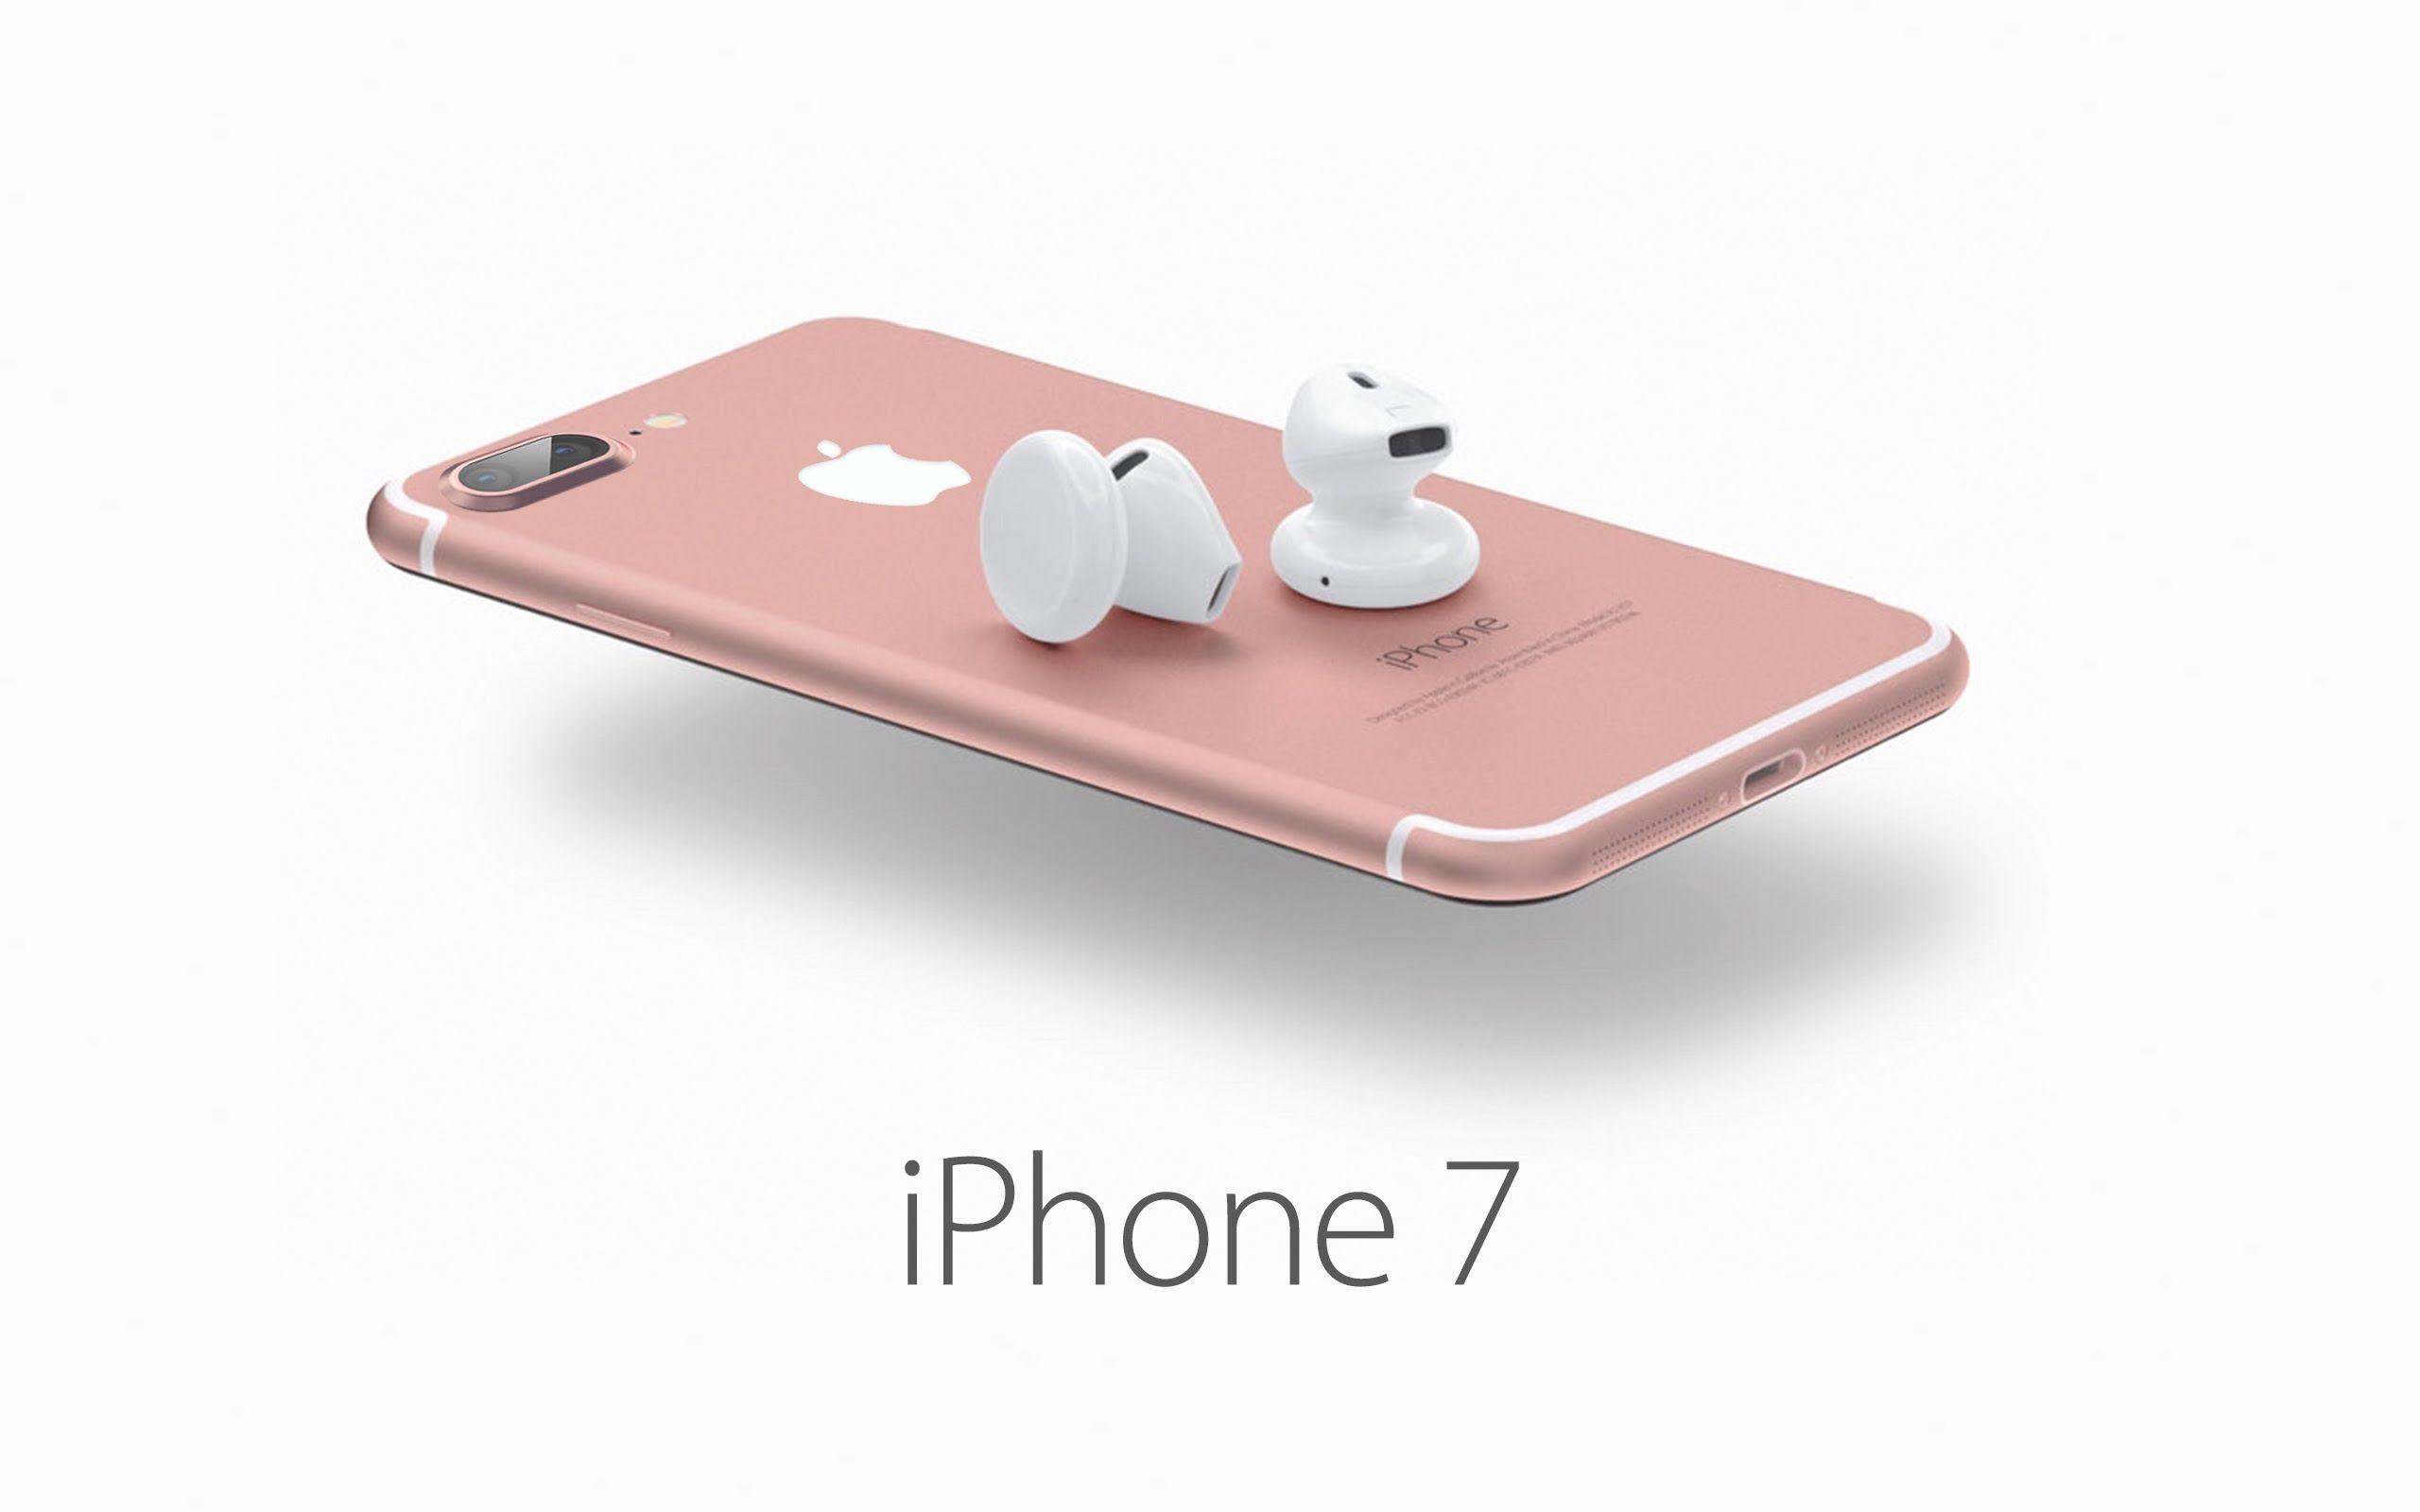 Todo lo que tenés que saber sobre el nuevo iPhone que se presentará el miércoles